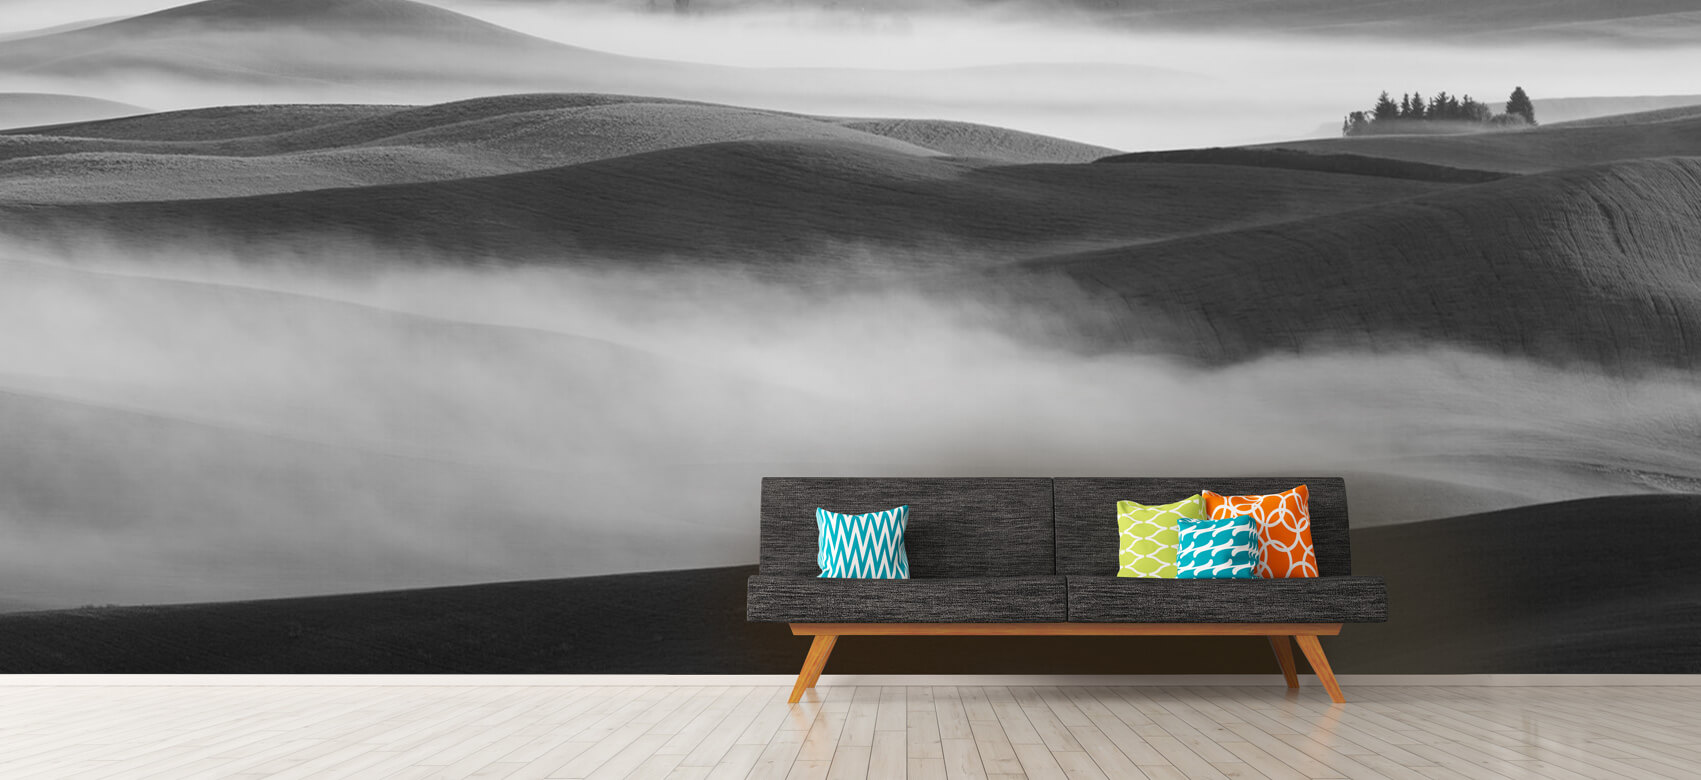 Dream Land in Morning Mist 13